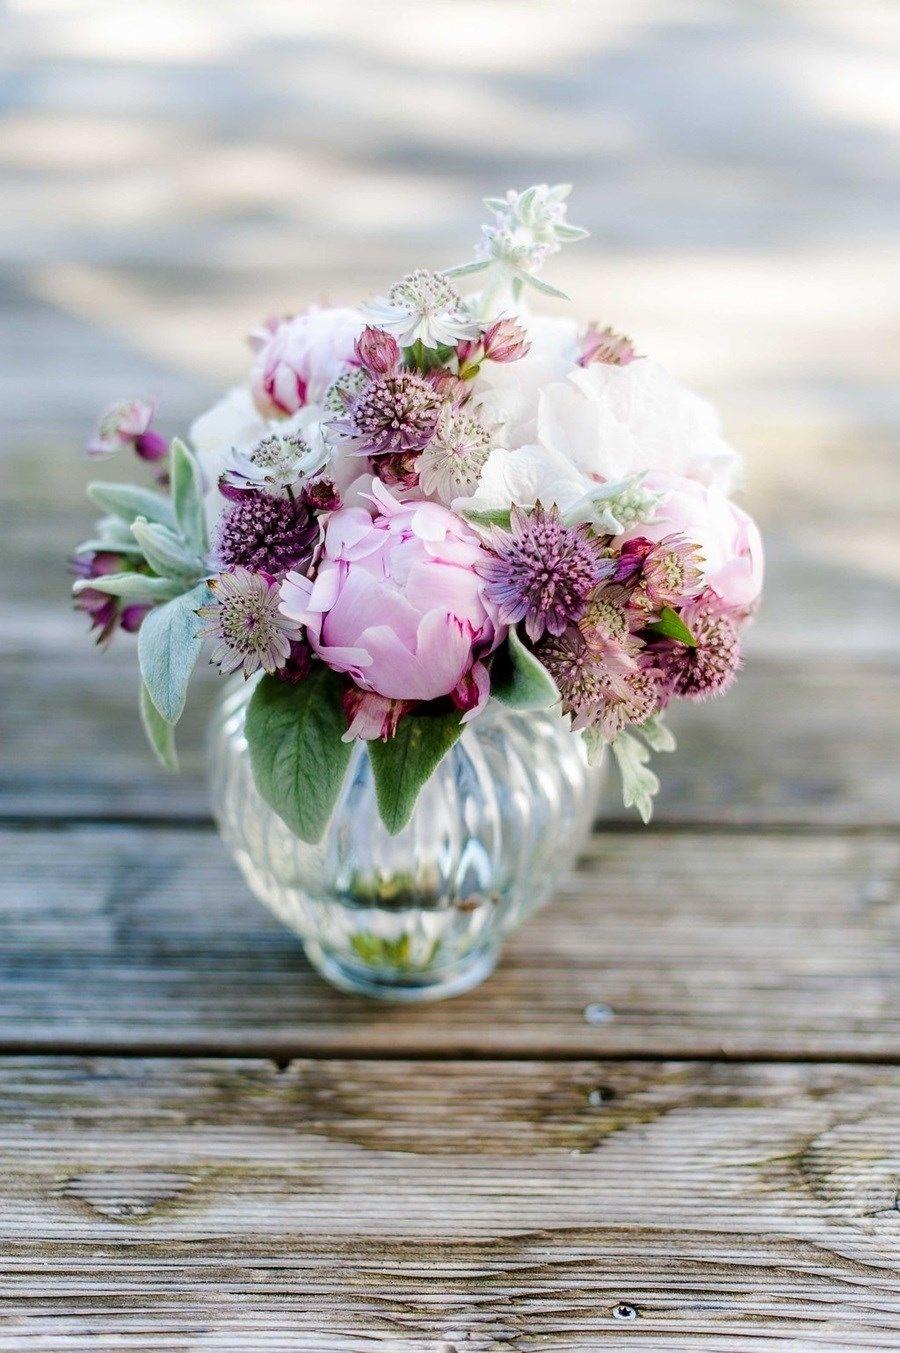 Susse Vintage Hochzeit In Grau Weiss Und Altrosa Mit Pfingstrosen Mit Bildern Tischdekoration Hochzeit Blumen Kleine Brautstrausse Vintage Hochzeit